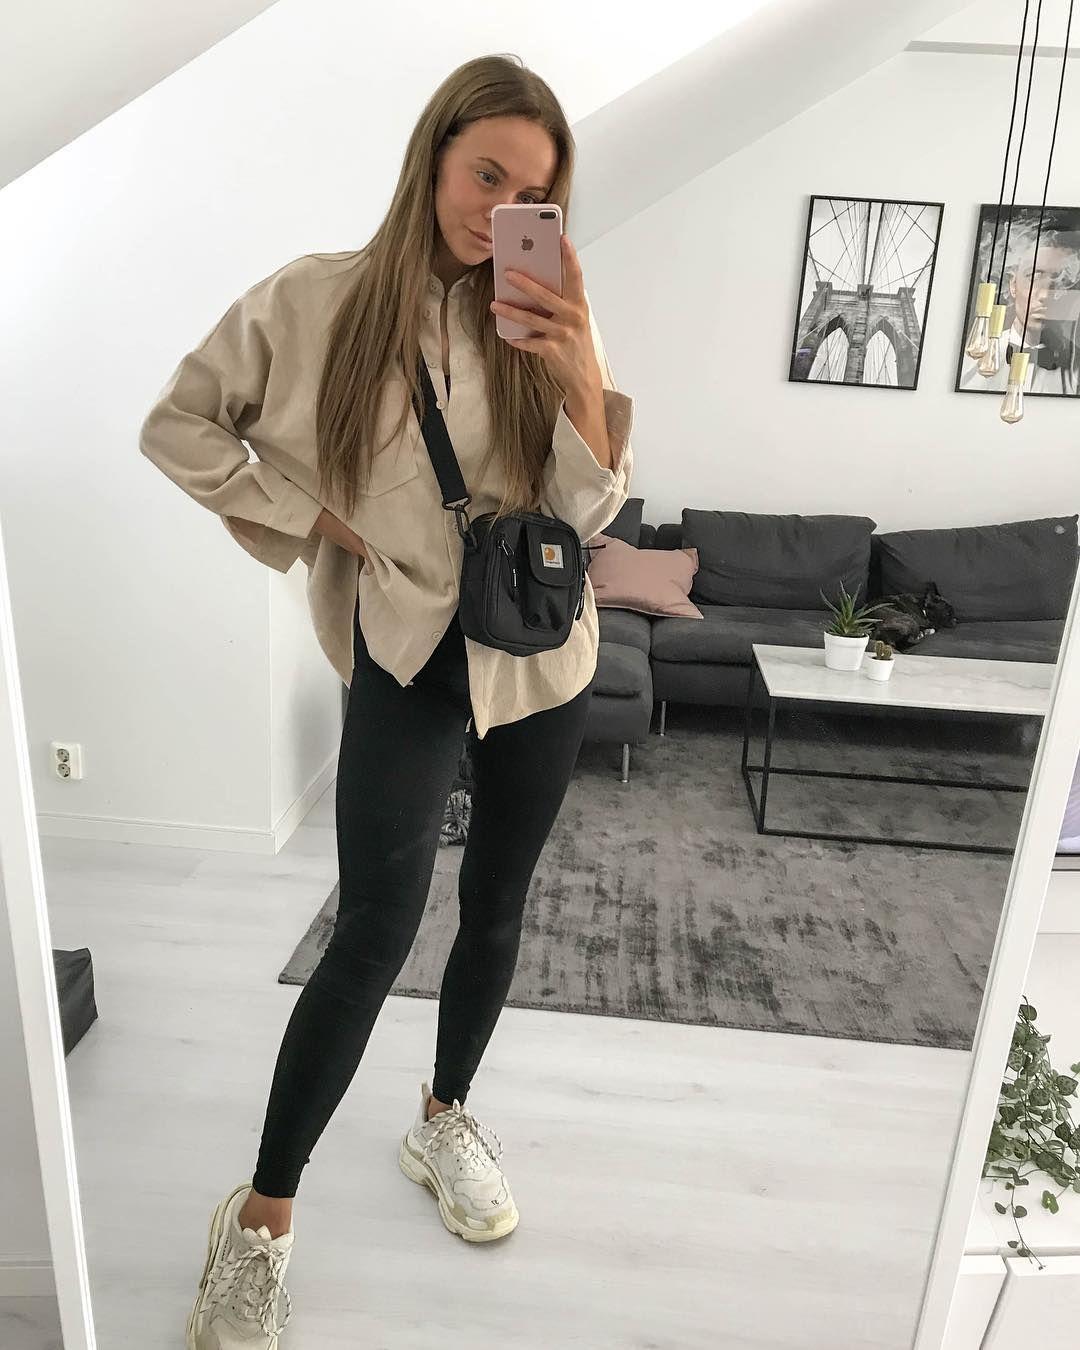 """Karolin Andersson en Instagram: """"Alguien está cansado hoy, y no soy yo. ¿Puedes ver a la chica de camuflaje? 😅 """""""